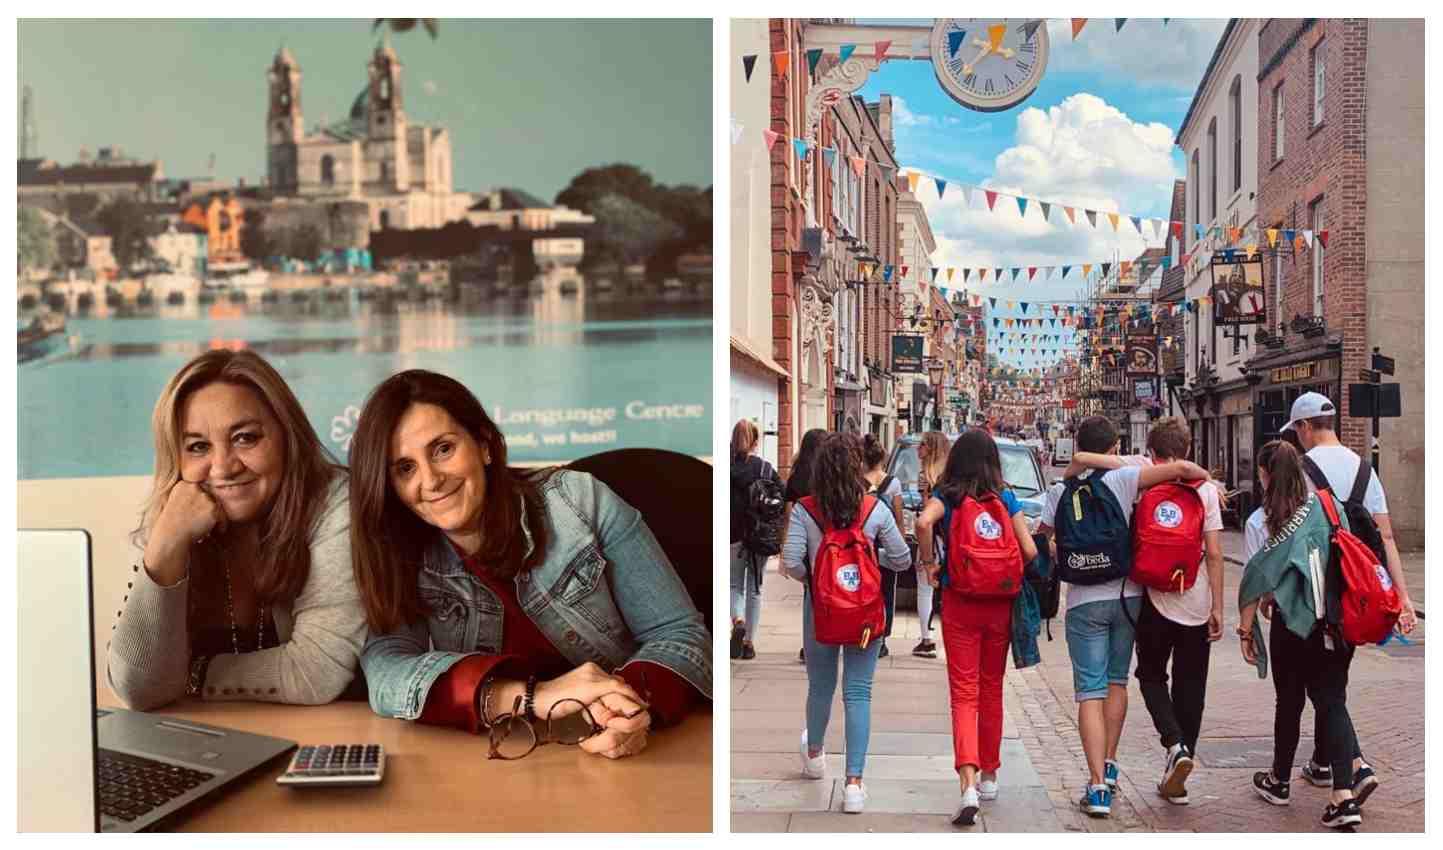 A la derecha, Ángela, la socia de Cristina en Irlanda, junto con la propia de Torres / A la izquierda, algunos de los jóvenes que participan en los programas de BBAcademy.